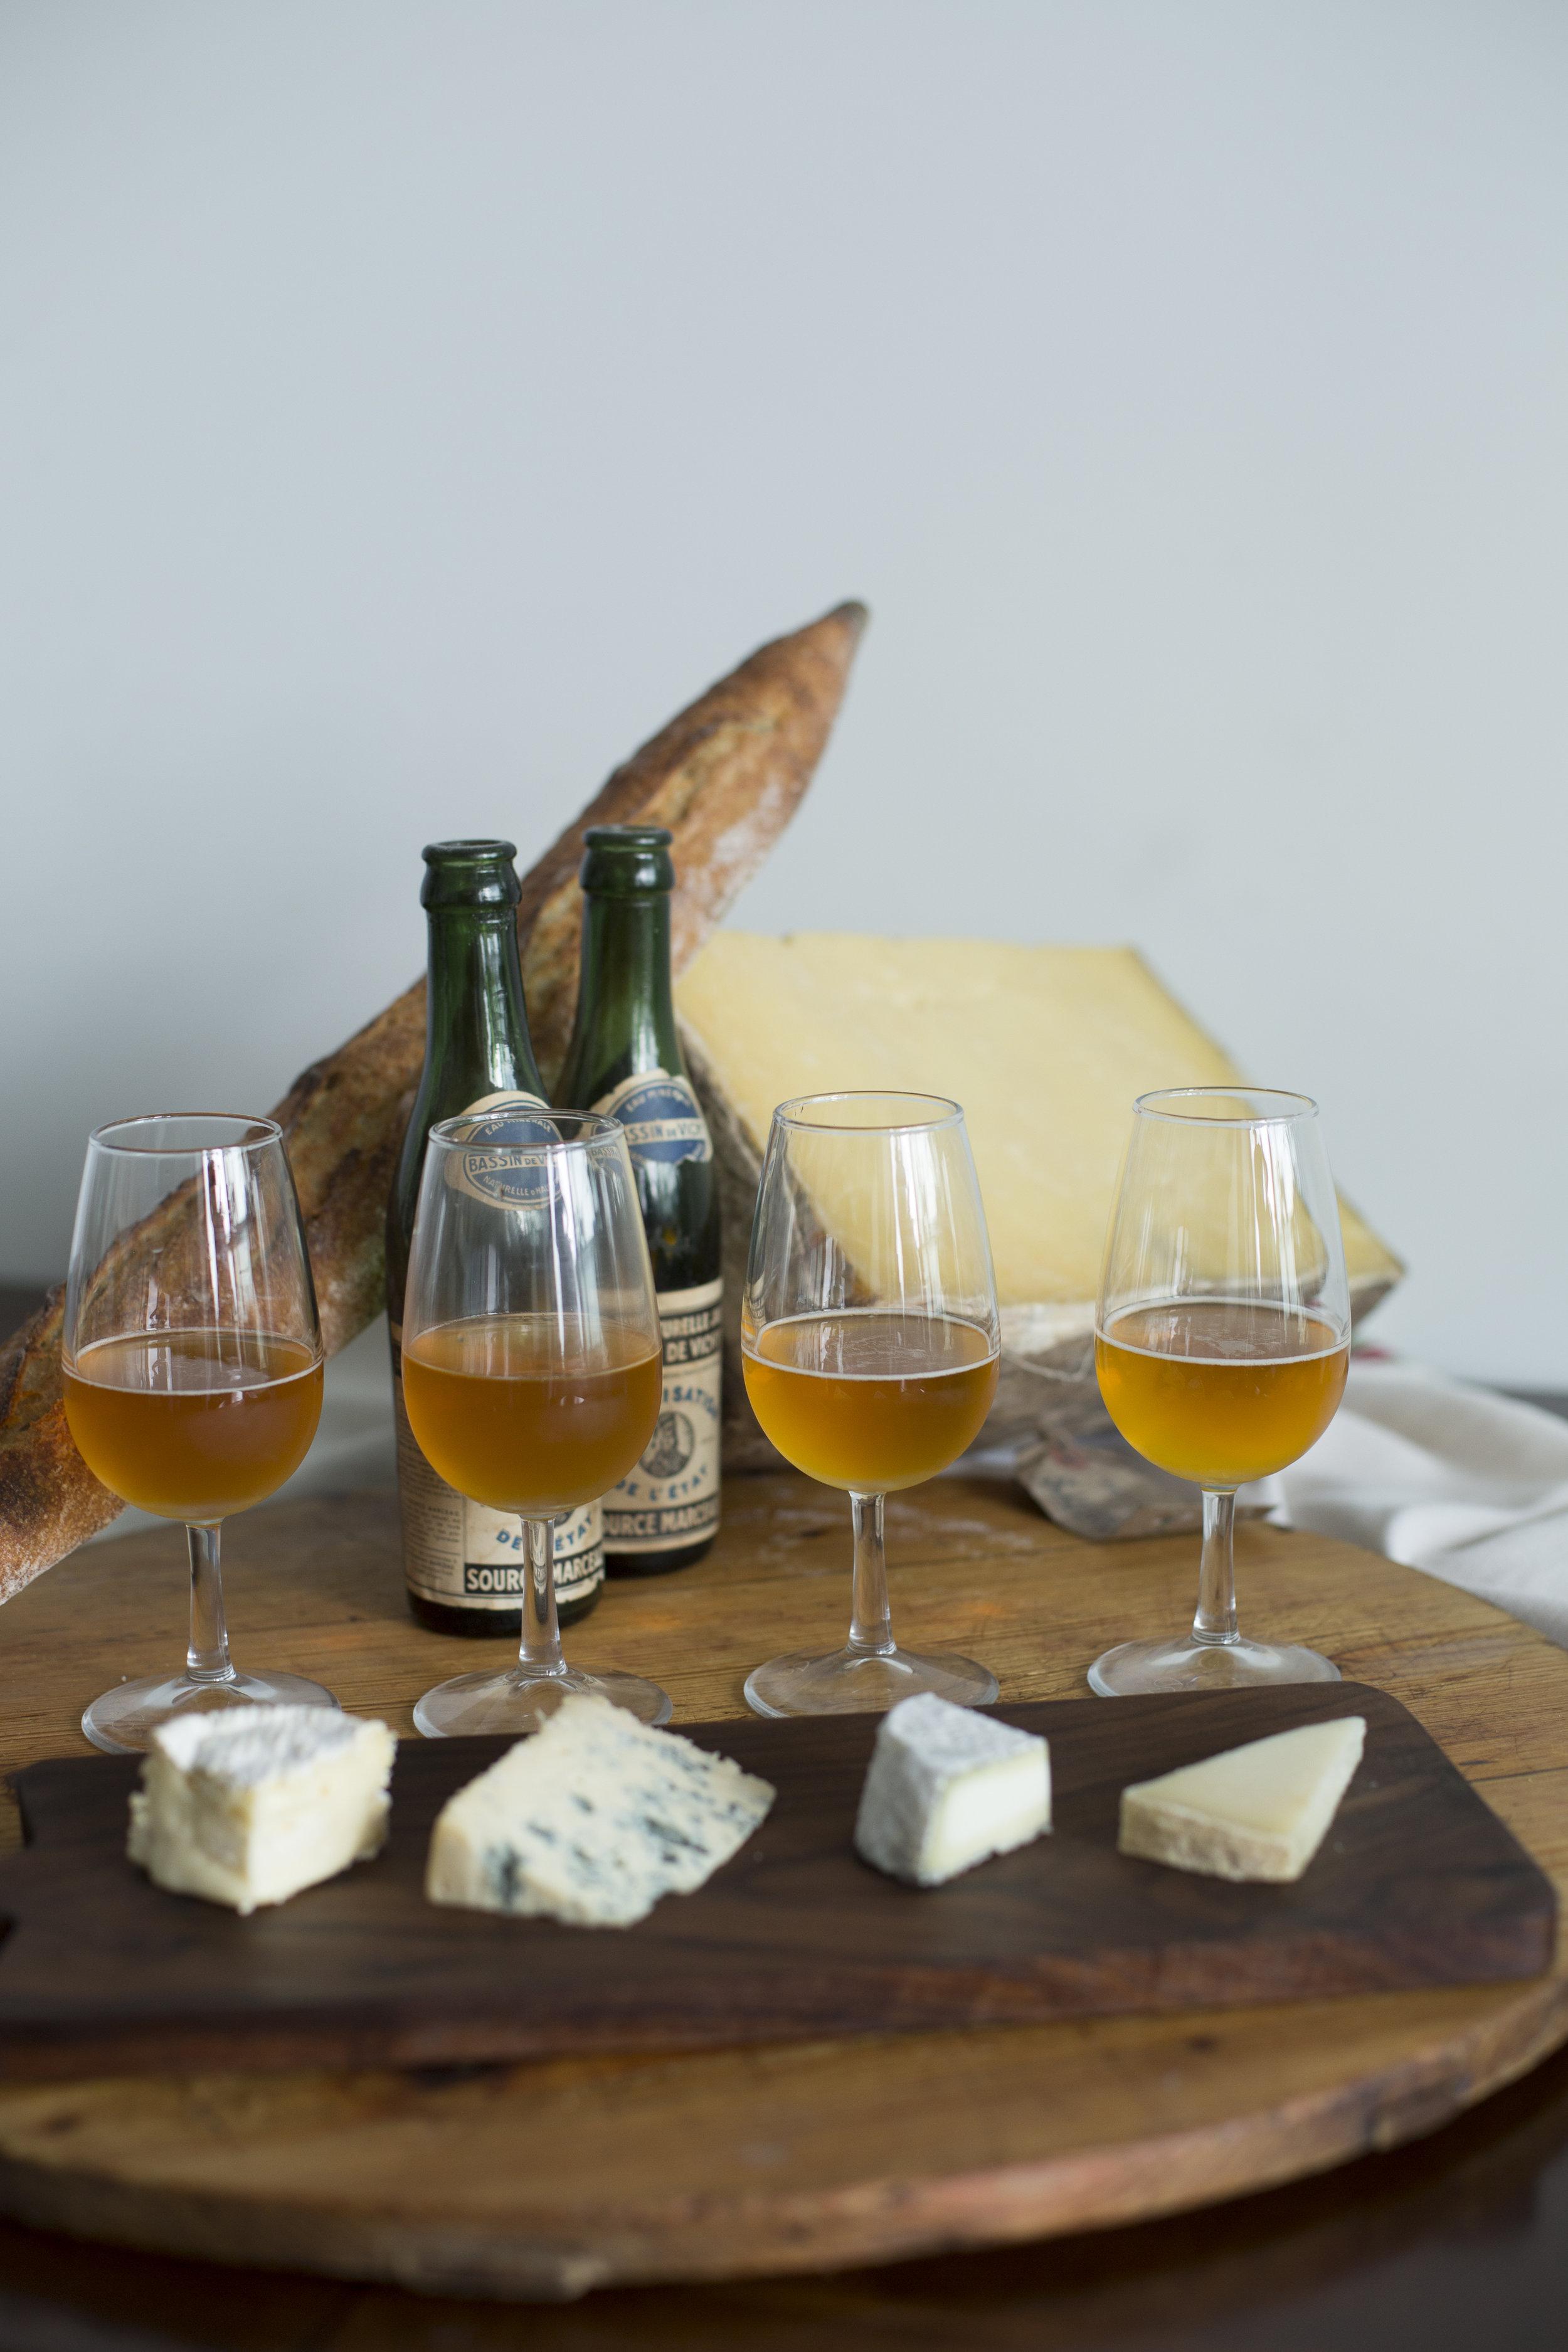 4 Cheese & Beer tasting